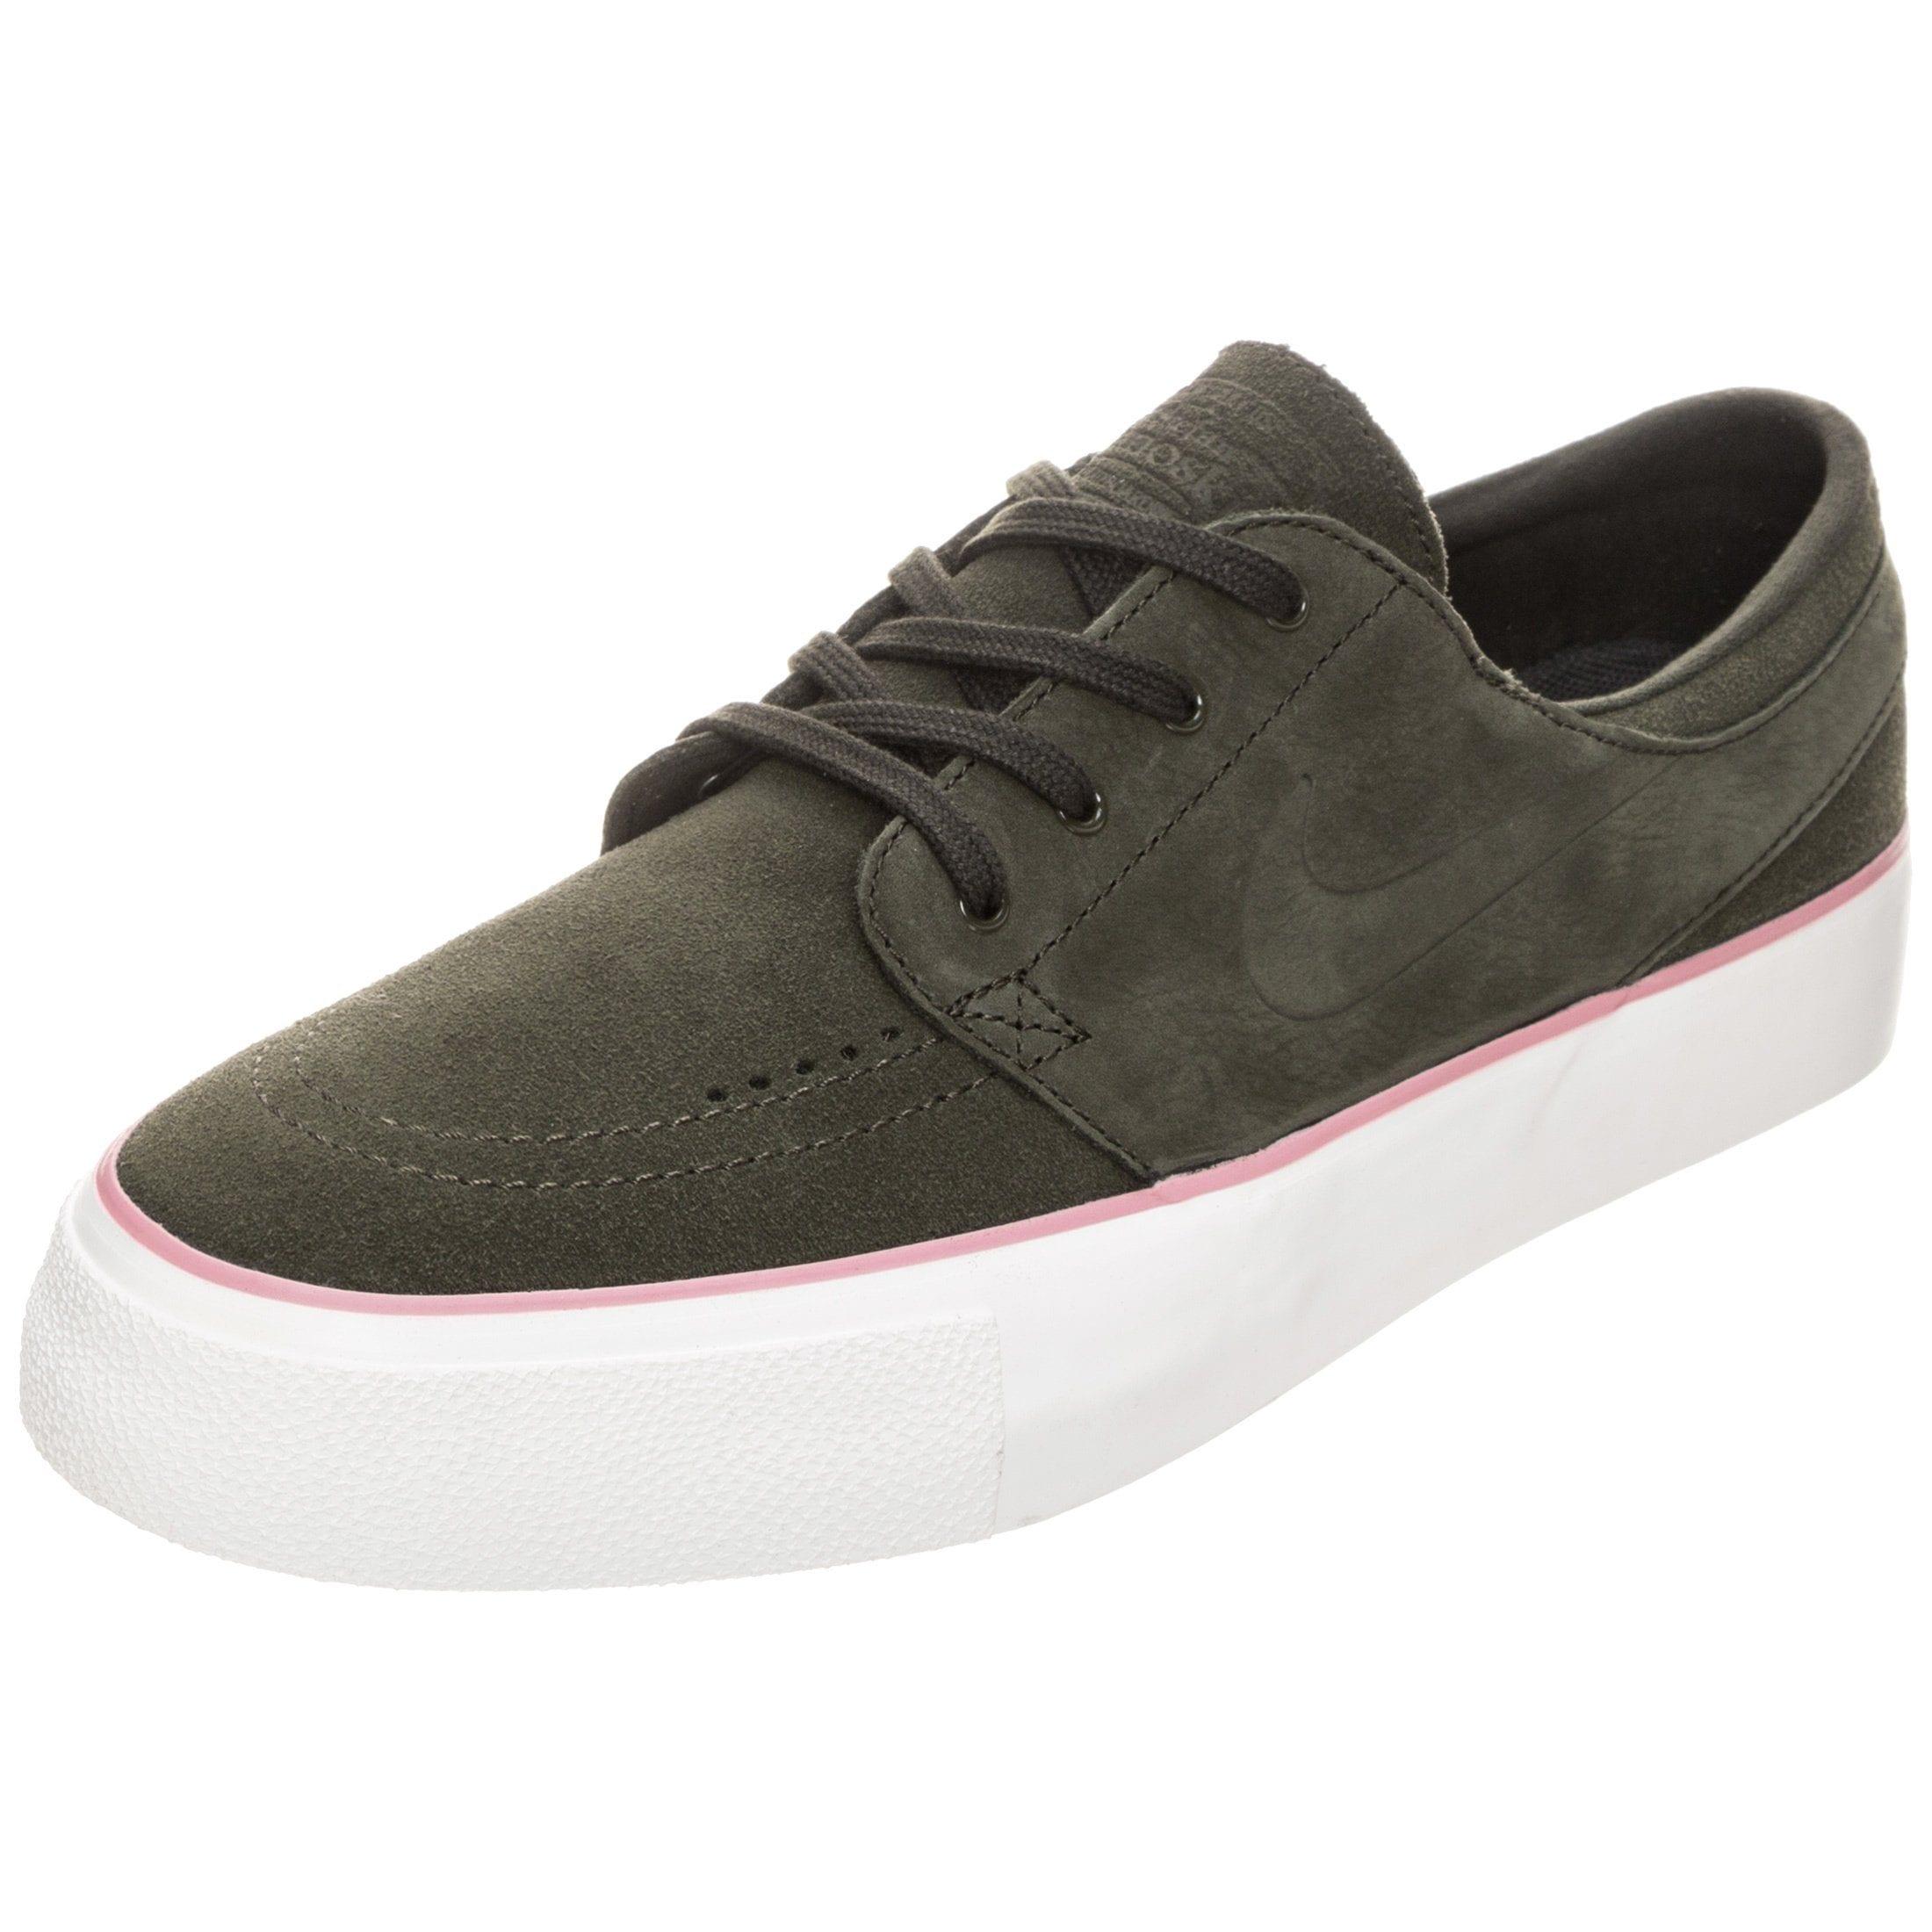 Nike SB Sneaker Stefan  ;Nike Zoom Stefan Sneaker Janoski HT Sneaker Herren kaufen | imwalking.de d1c959